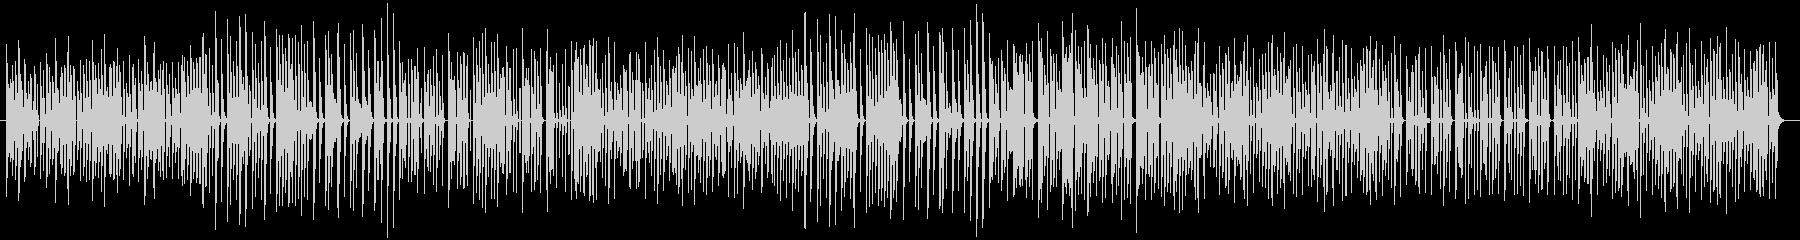 過去の素晴らしいビデオゲーム音楽に...の未再生の波形